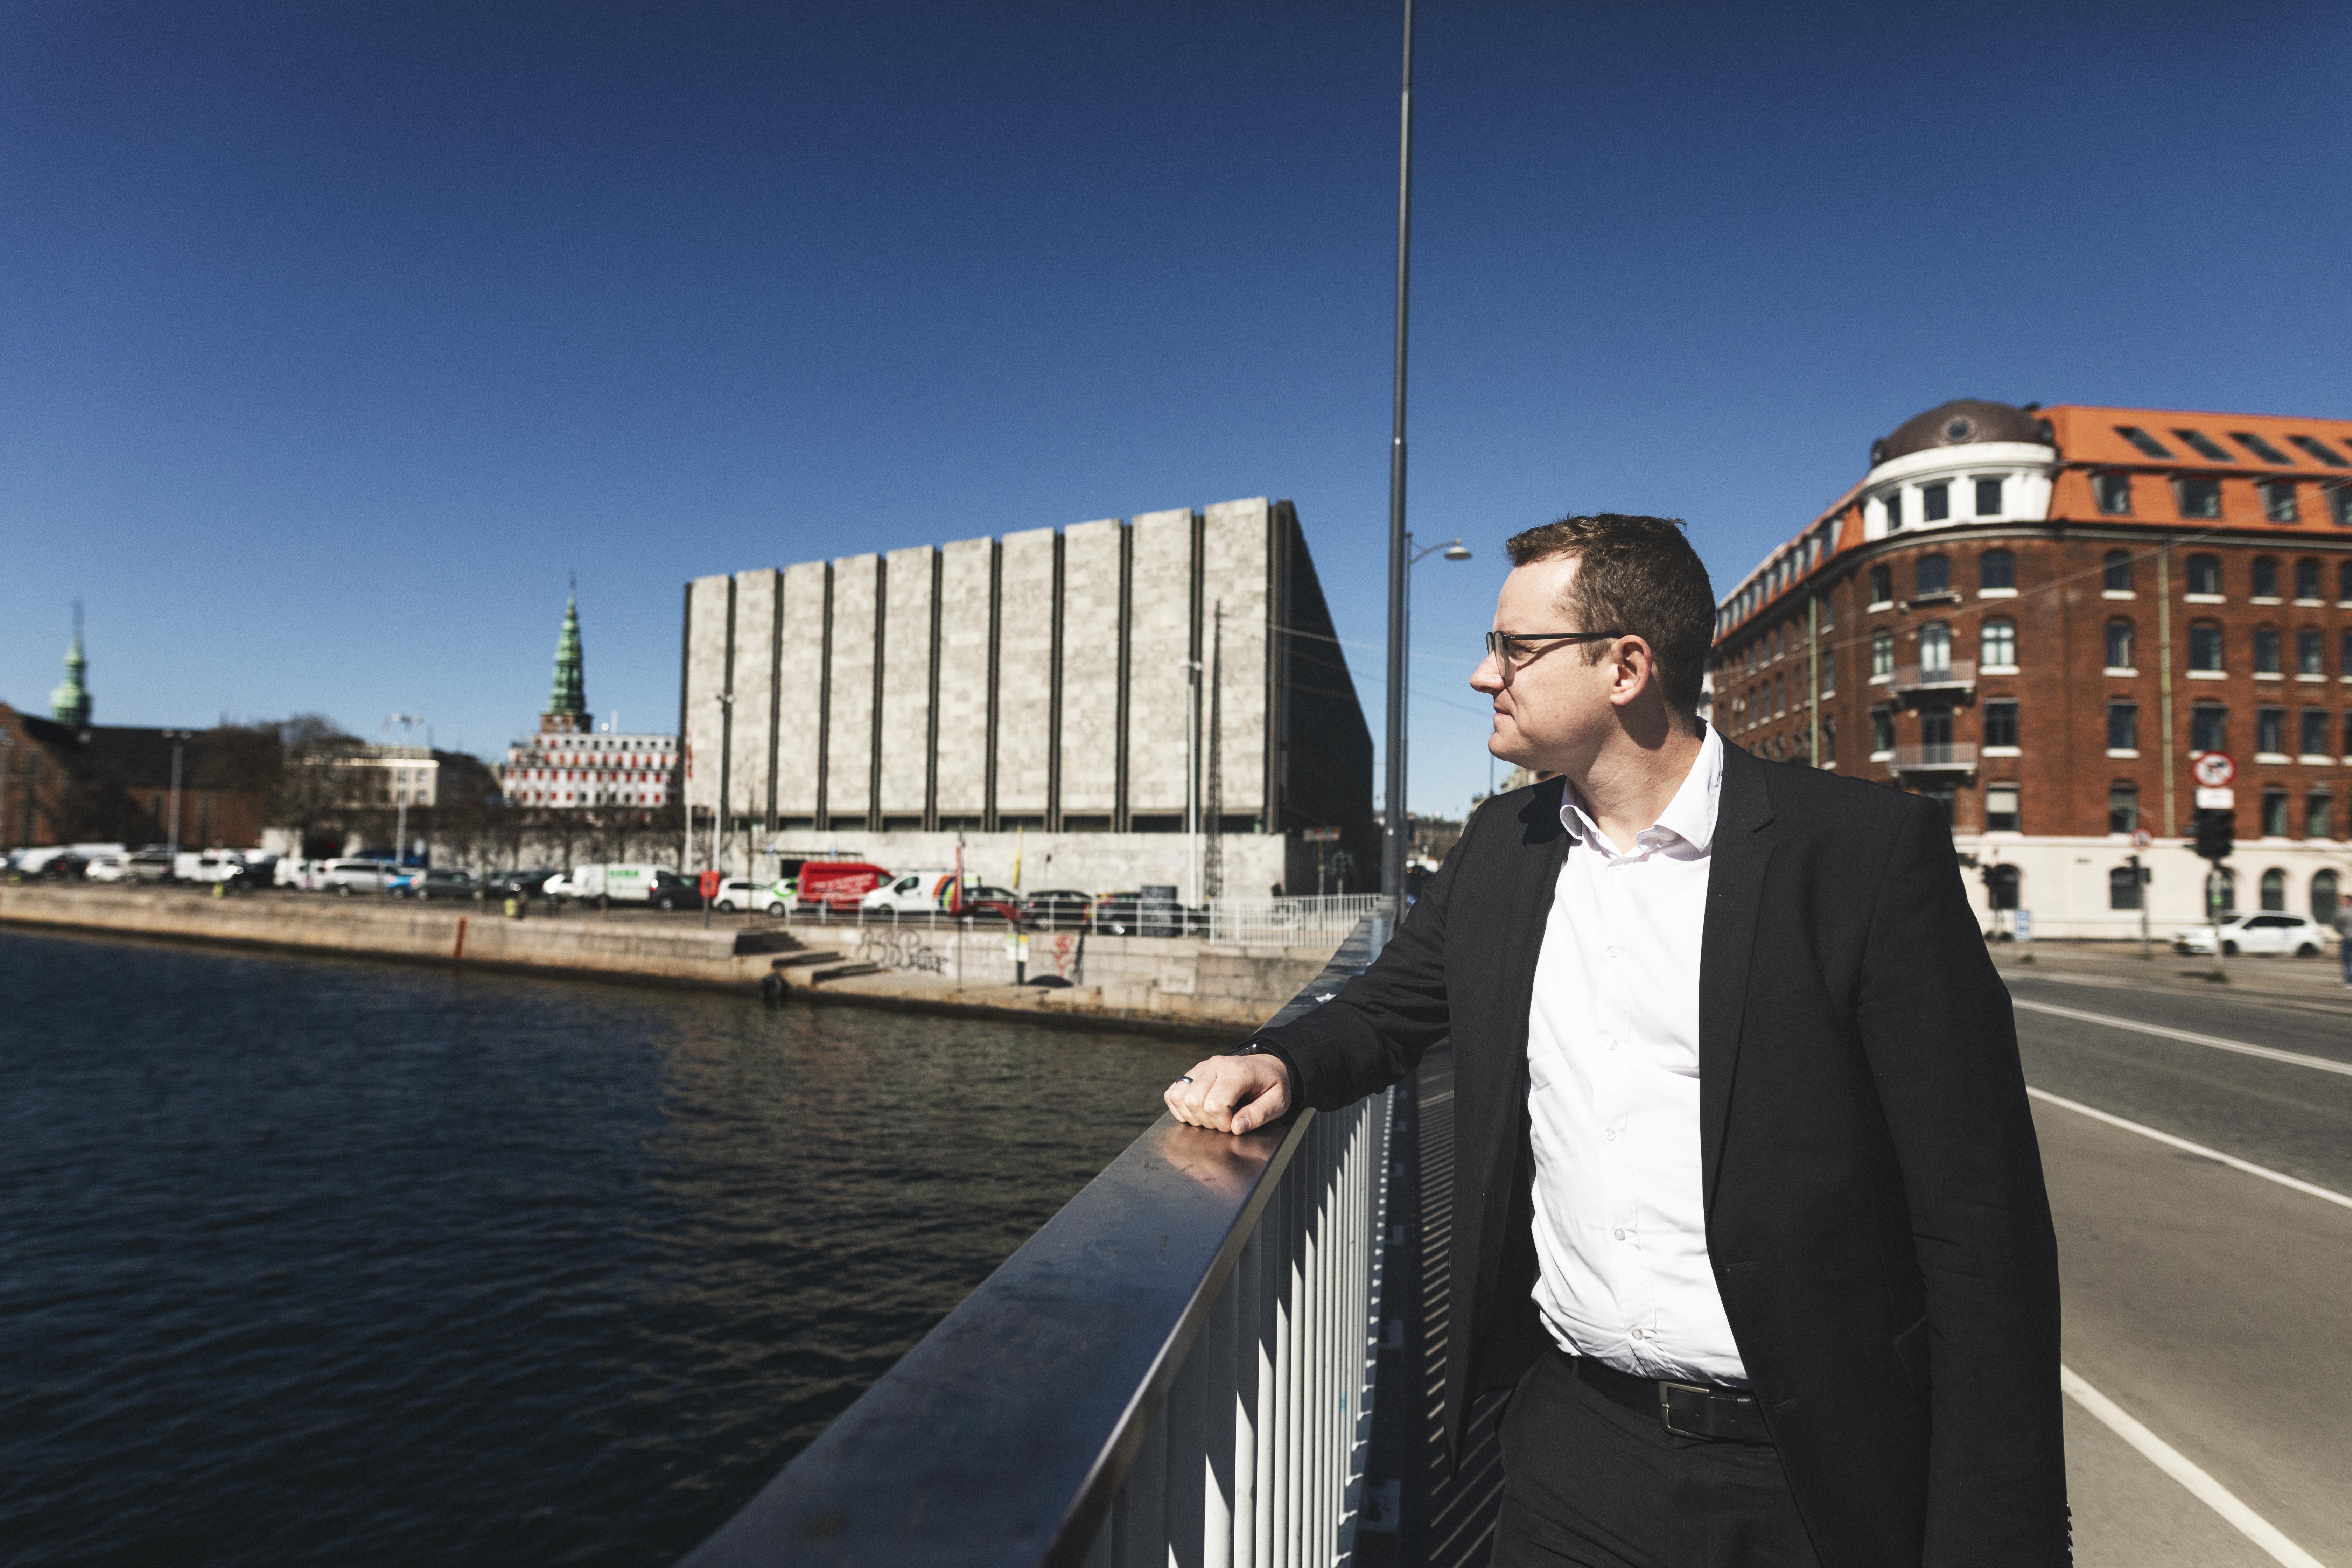 Mads Møller har haft meget få komplikationer efter sin transplantation (Foto: Büro Jantzen).